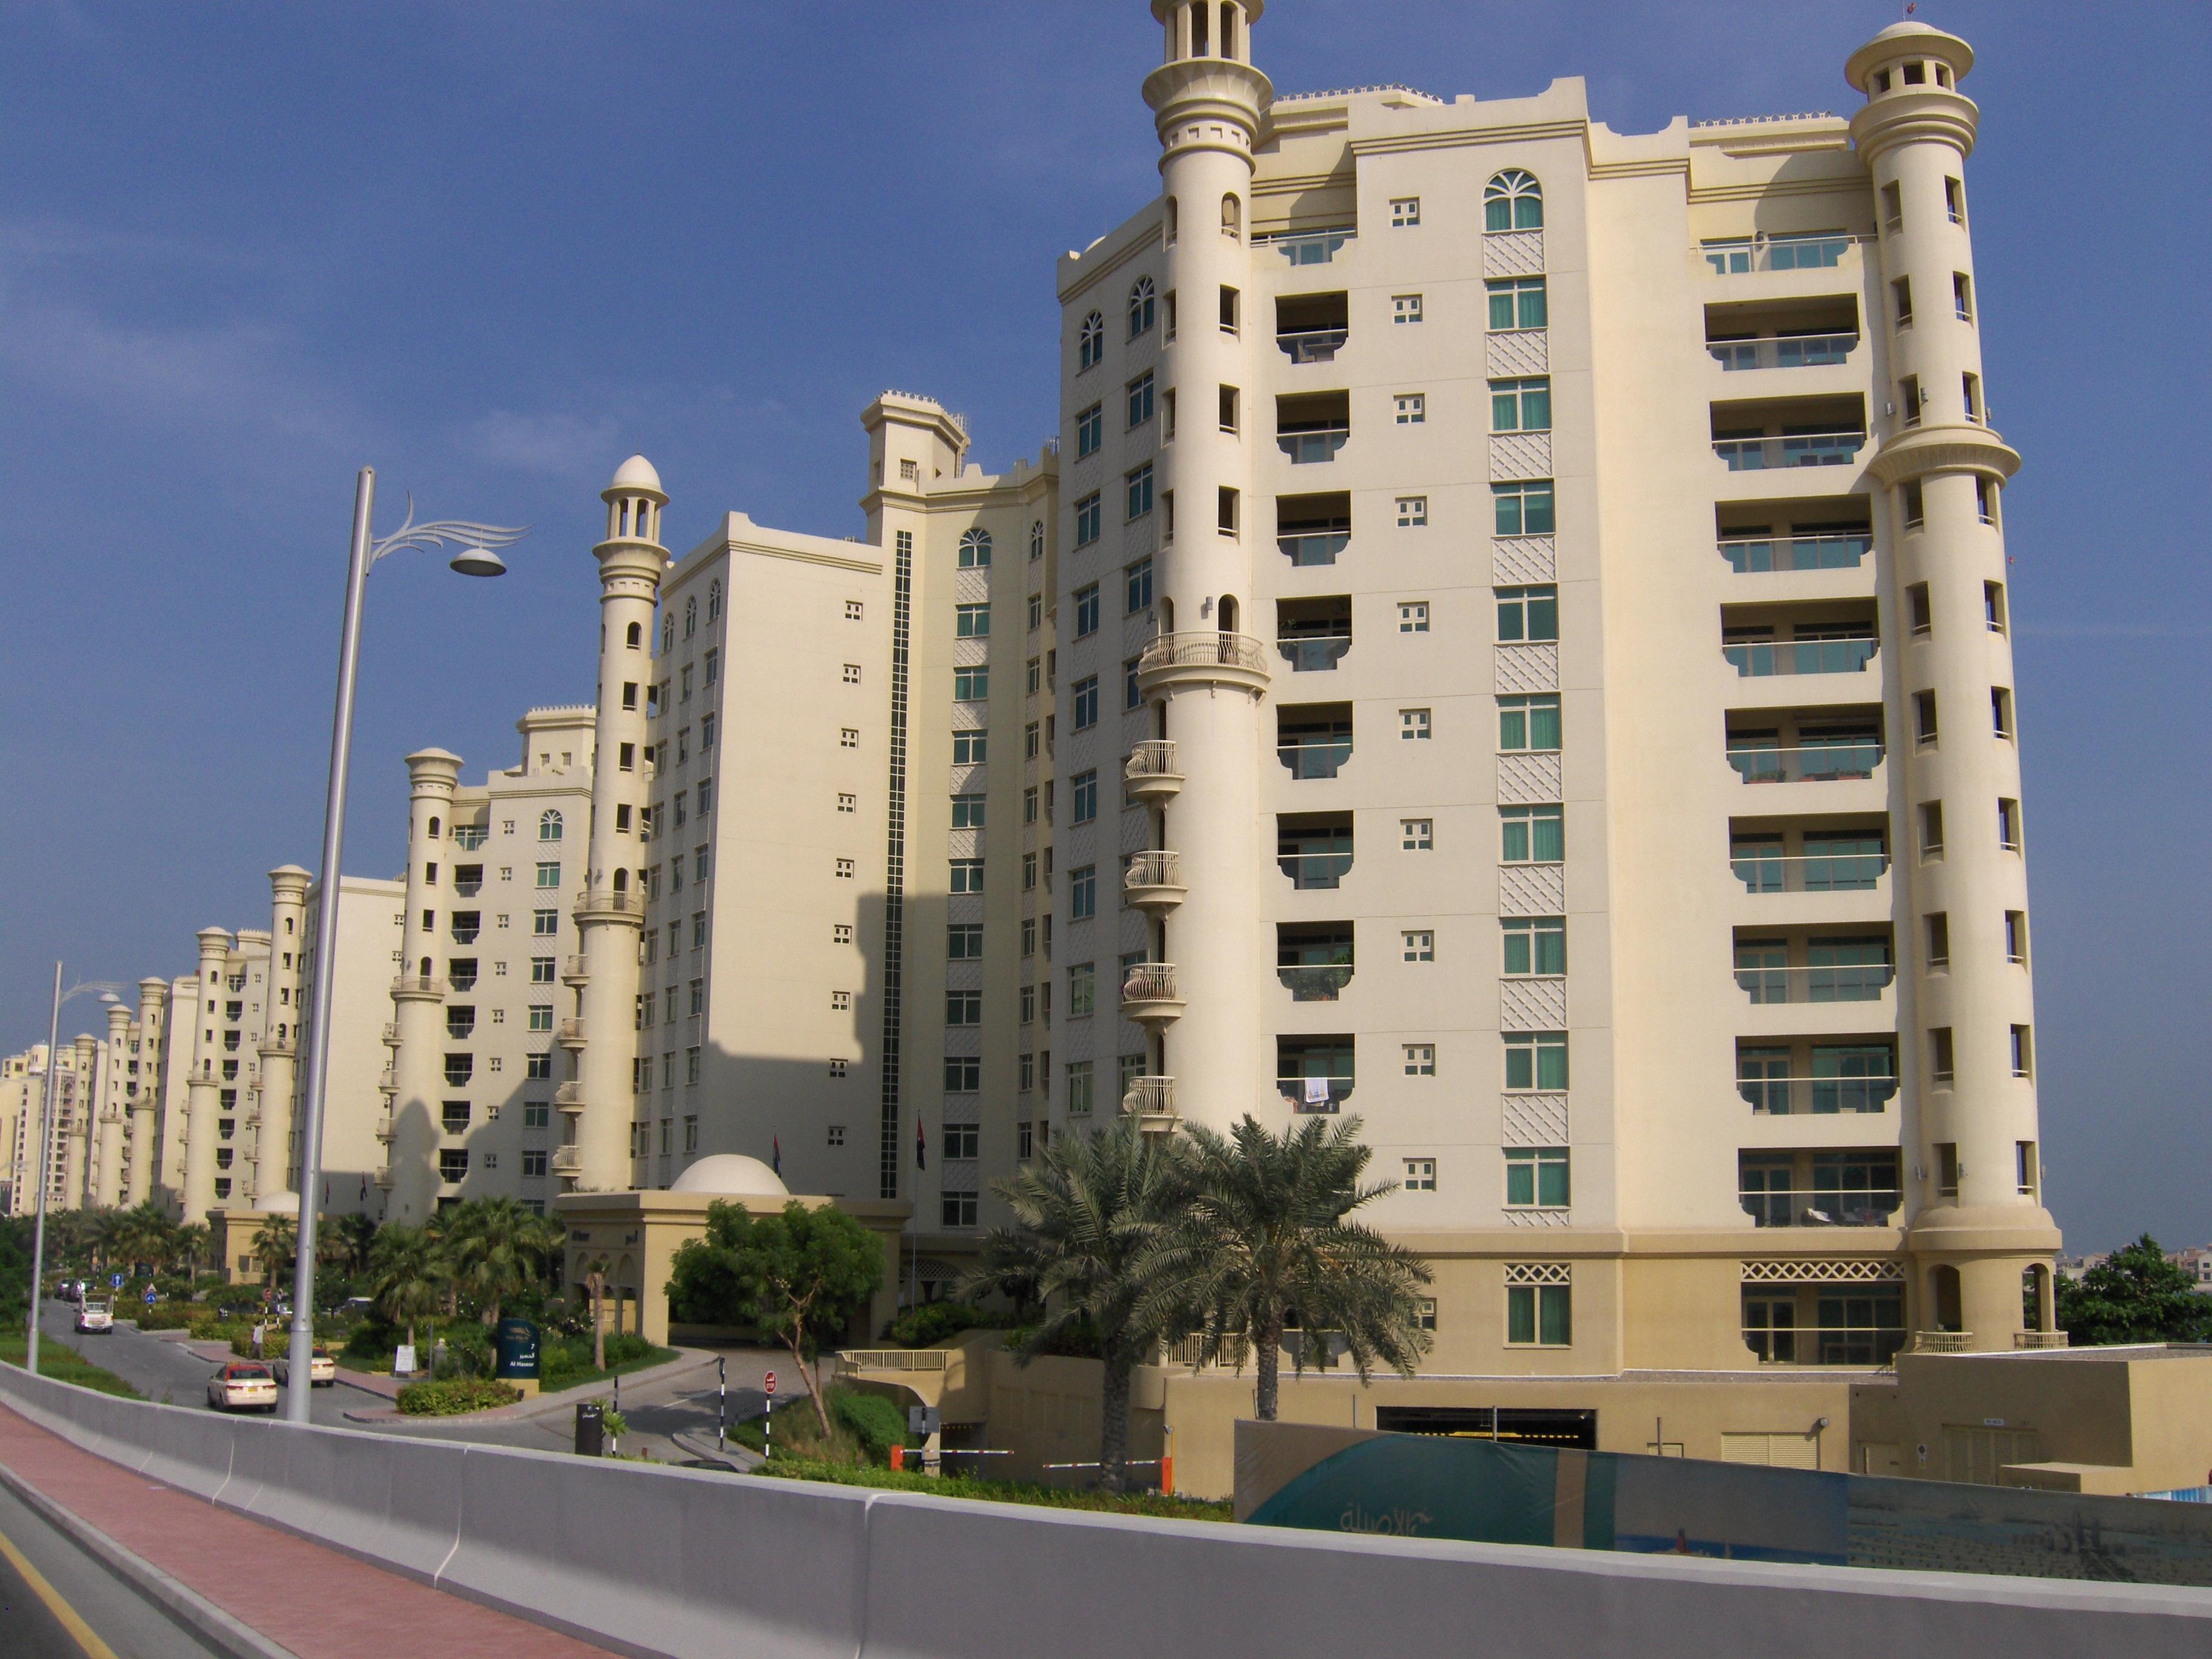 apartments in Dubai, united arab emirates